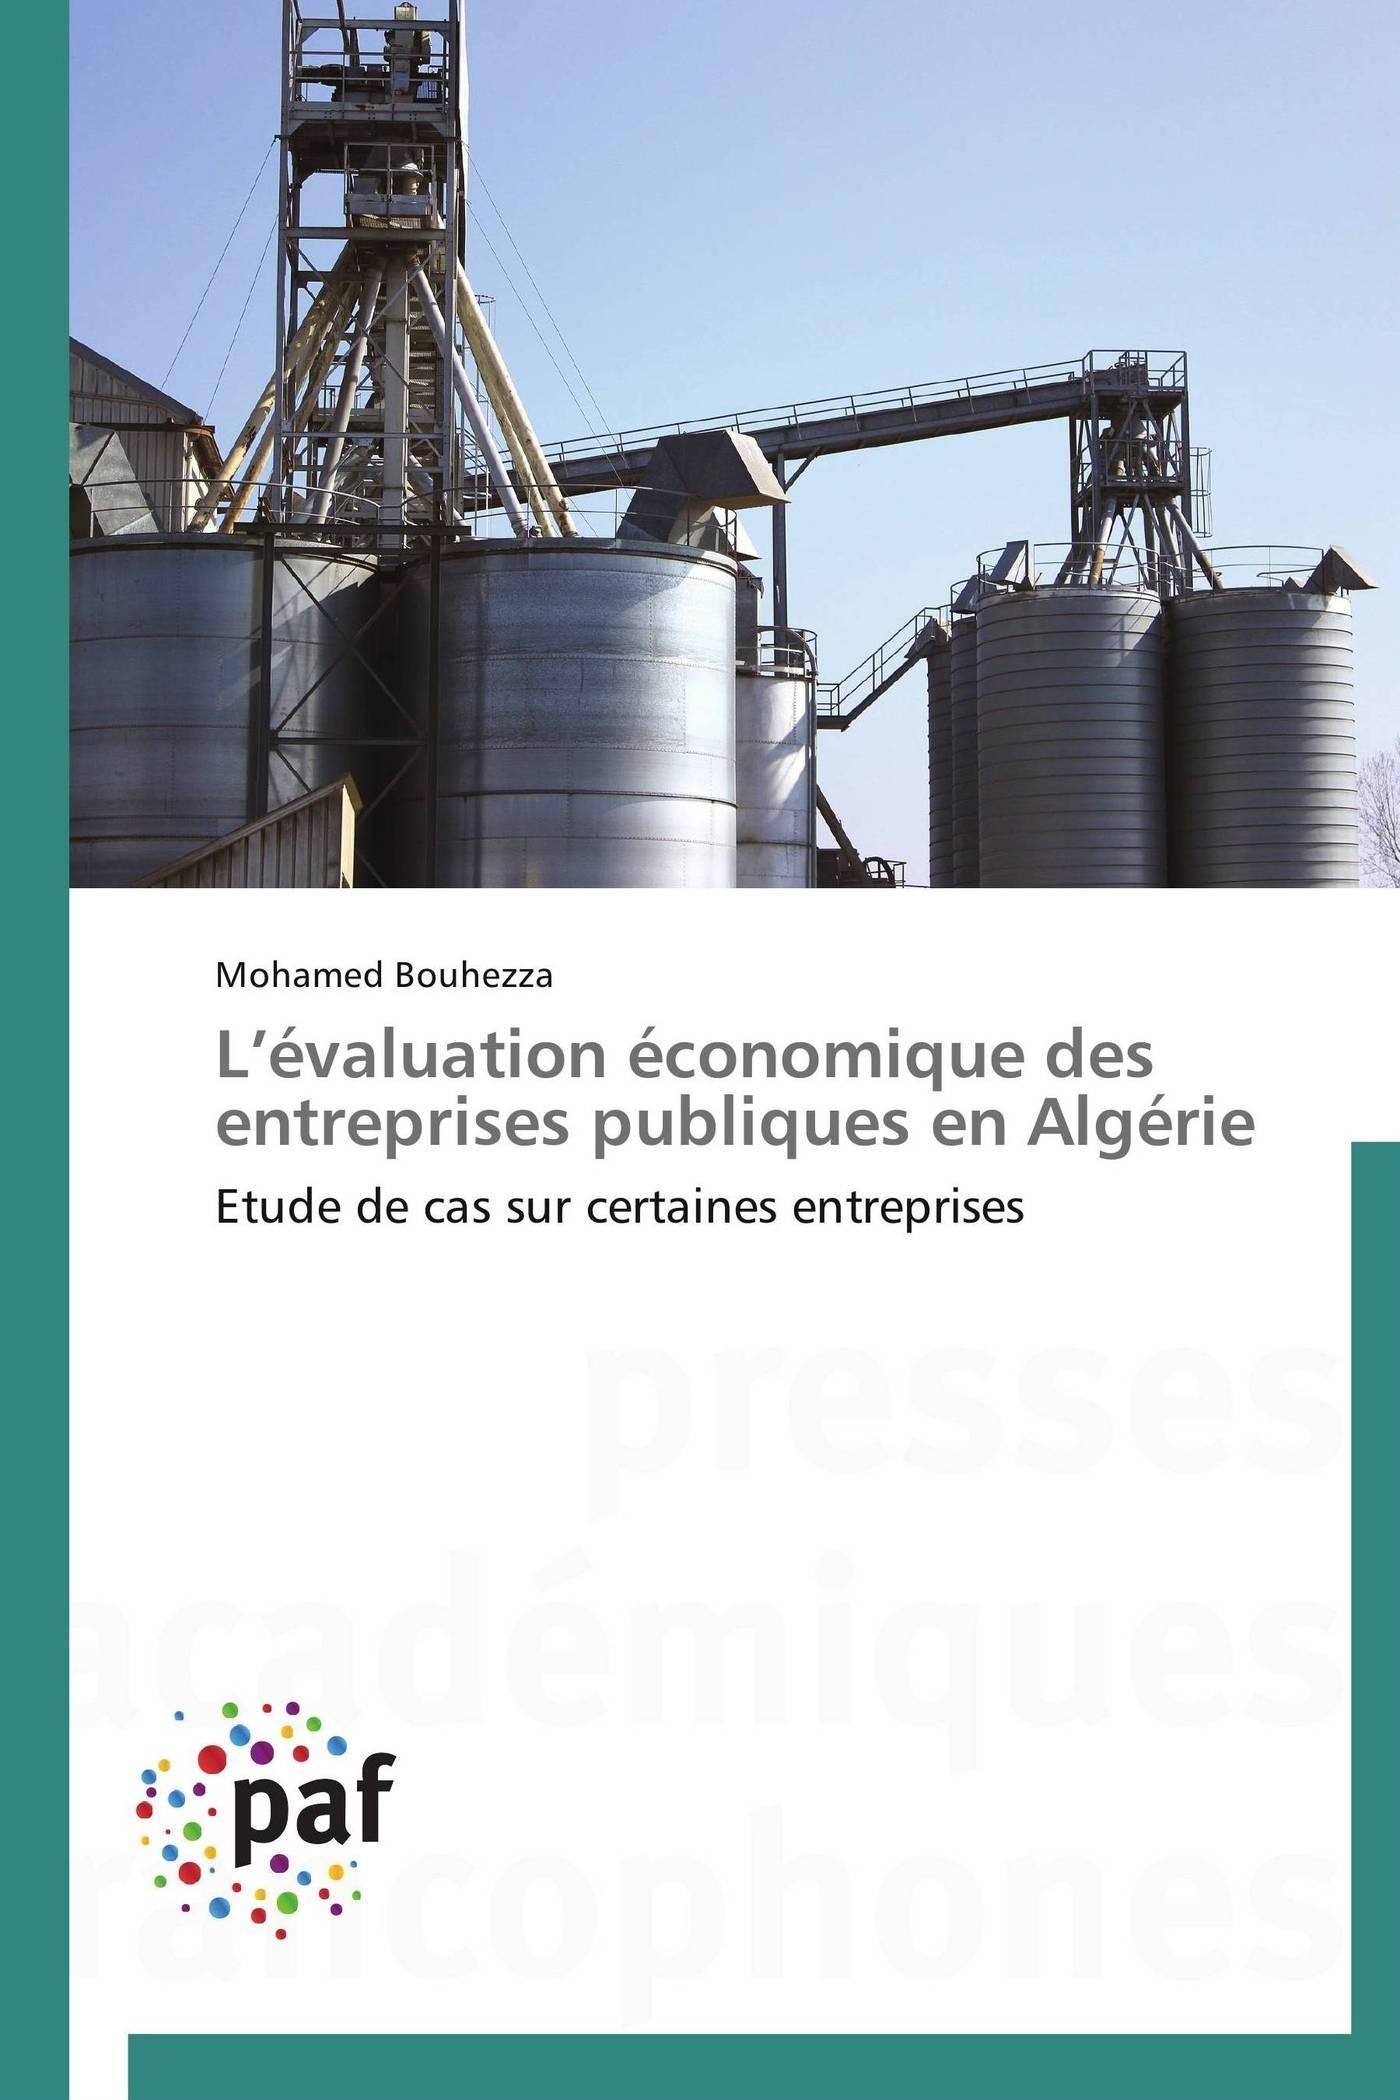 L EVALUATION ECONOMIQUE DES ENTREPRISES PUBLIQUES EN ALGERIE